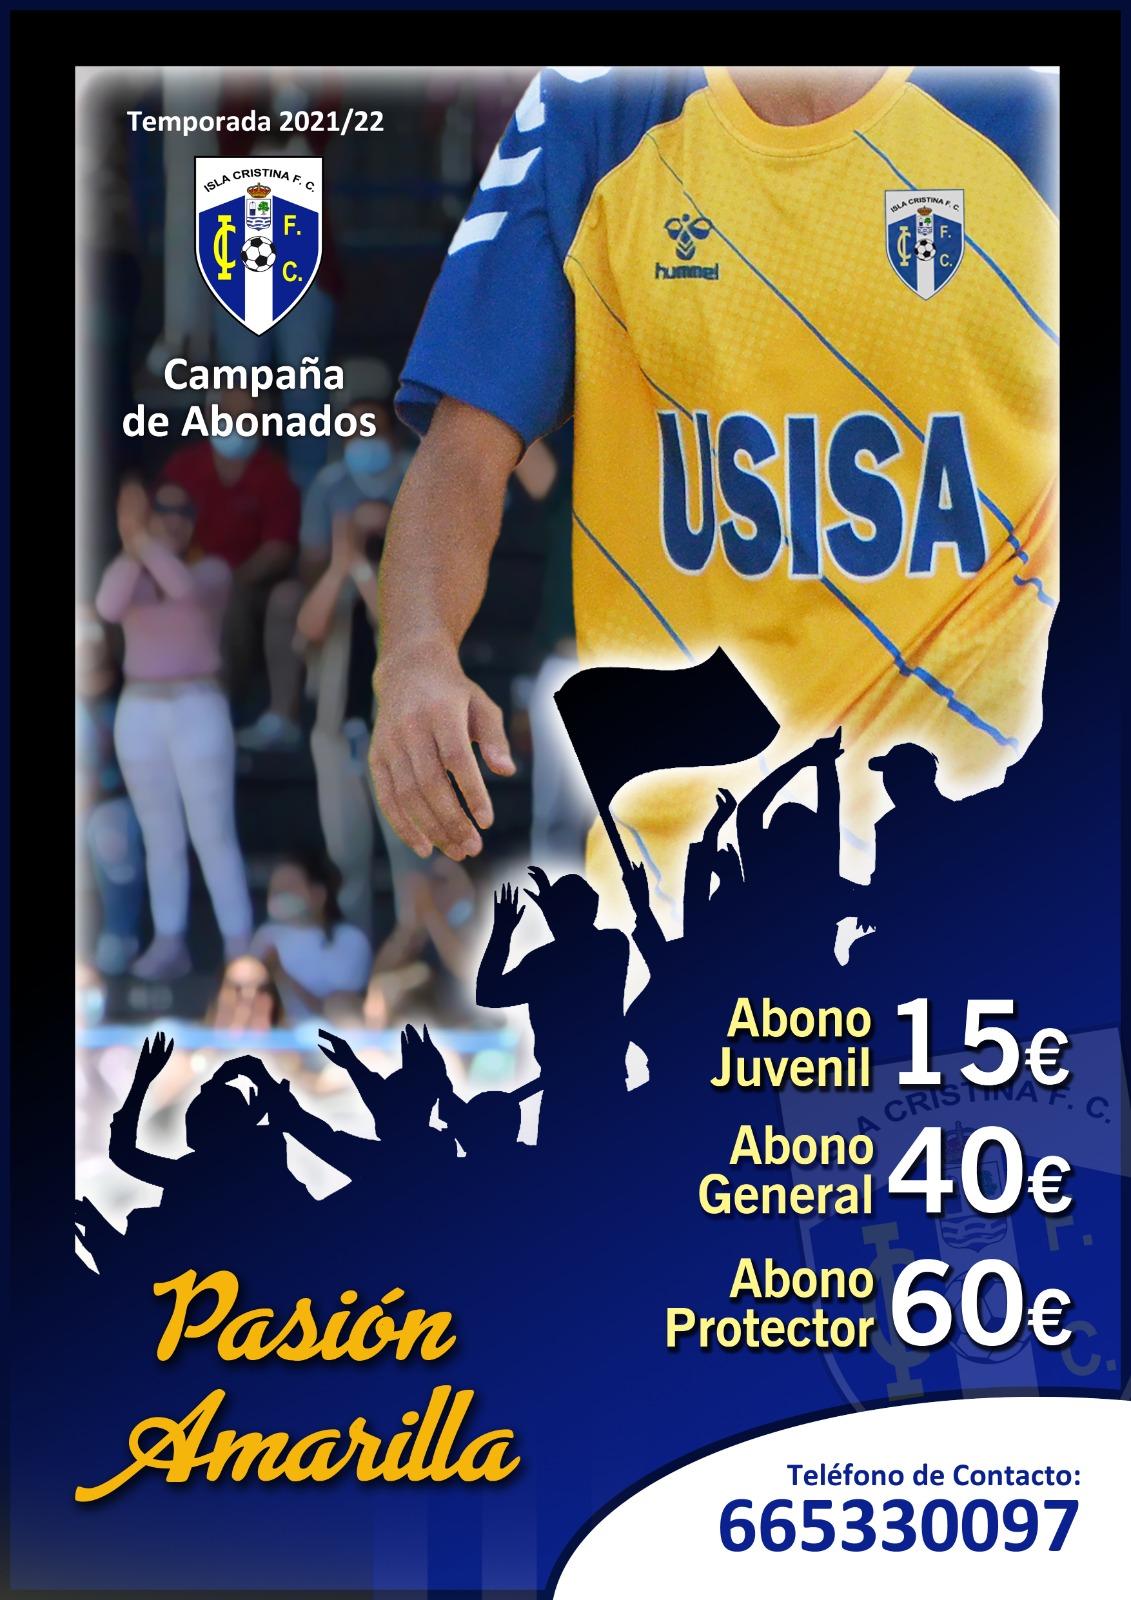 En marcha la campaña de captación de abonados del Isla Cristina FC